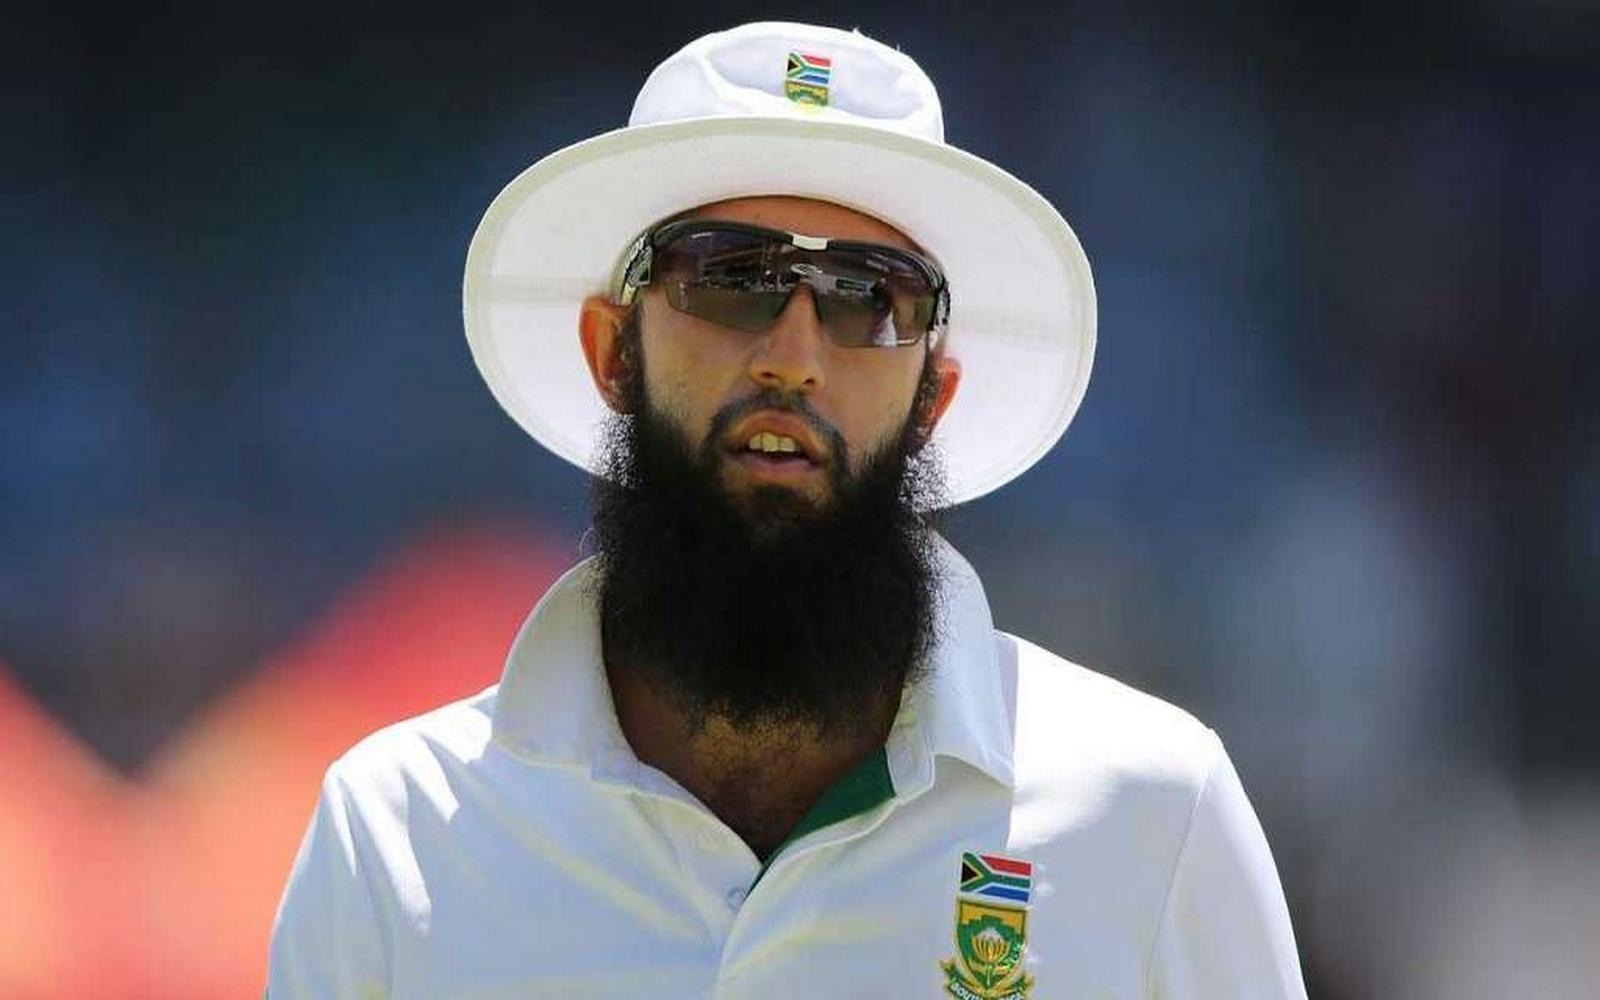 IPL नहीं बल्कि इस लीग को दिया हाशिम अमला ने दिया साउथ अफ्रीका क्रिकेट की कायाकल्प का श्रेय 4